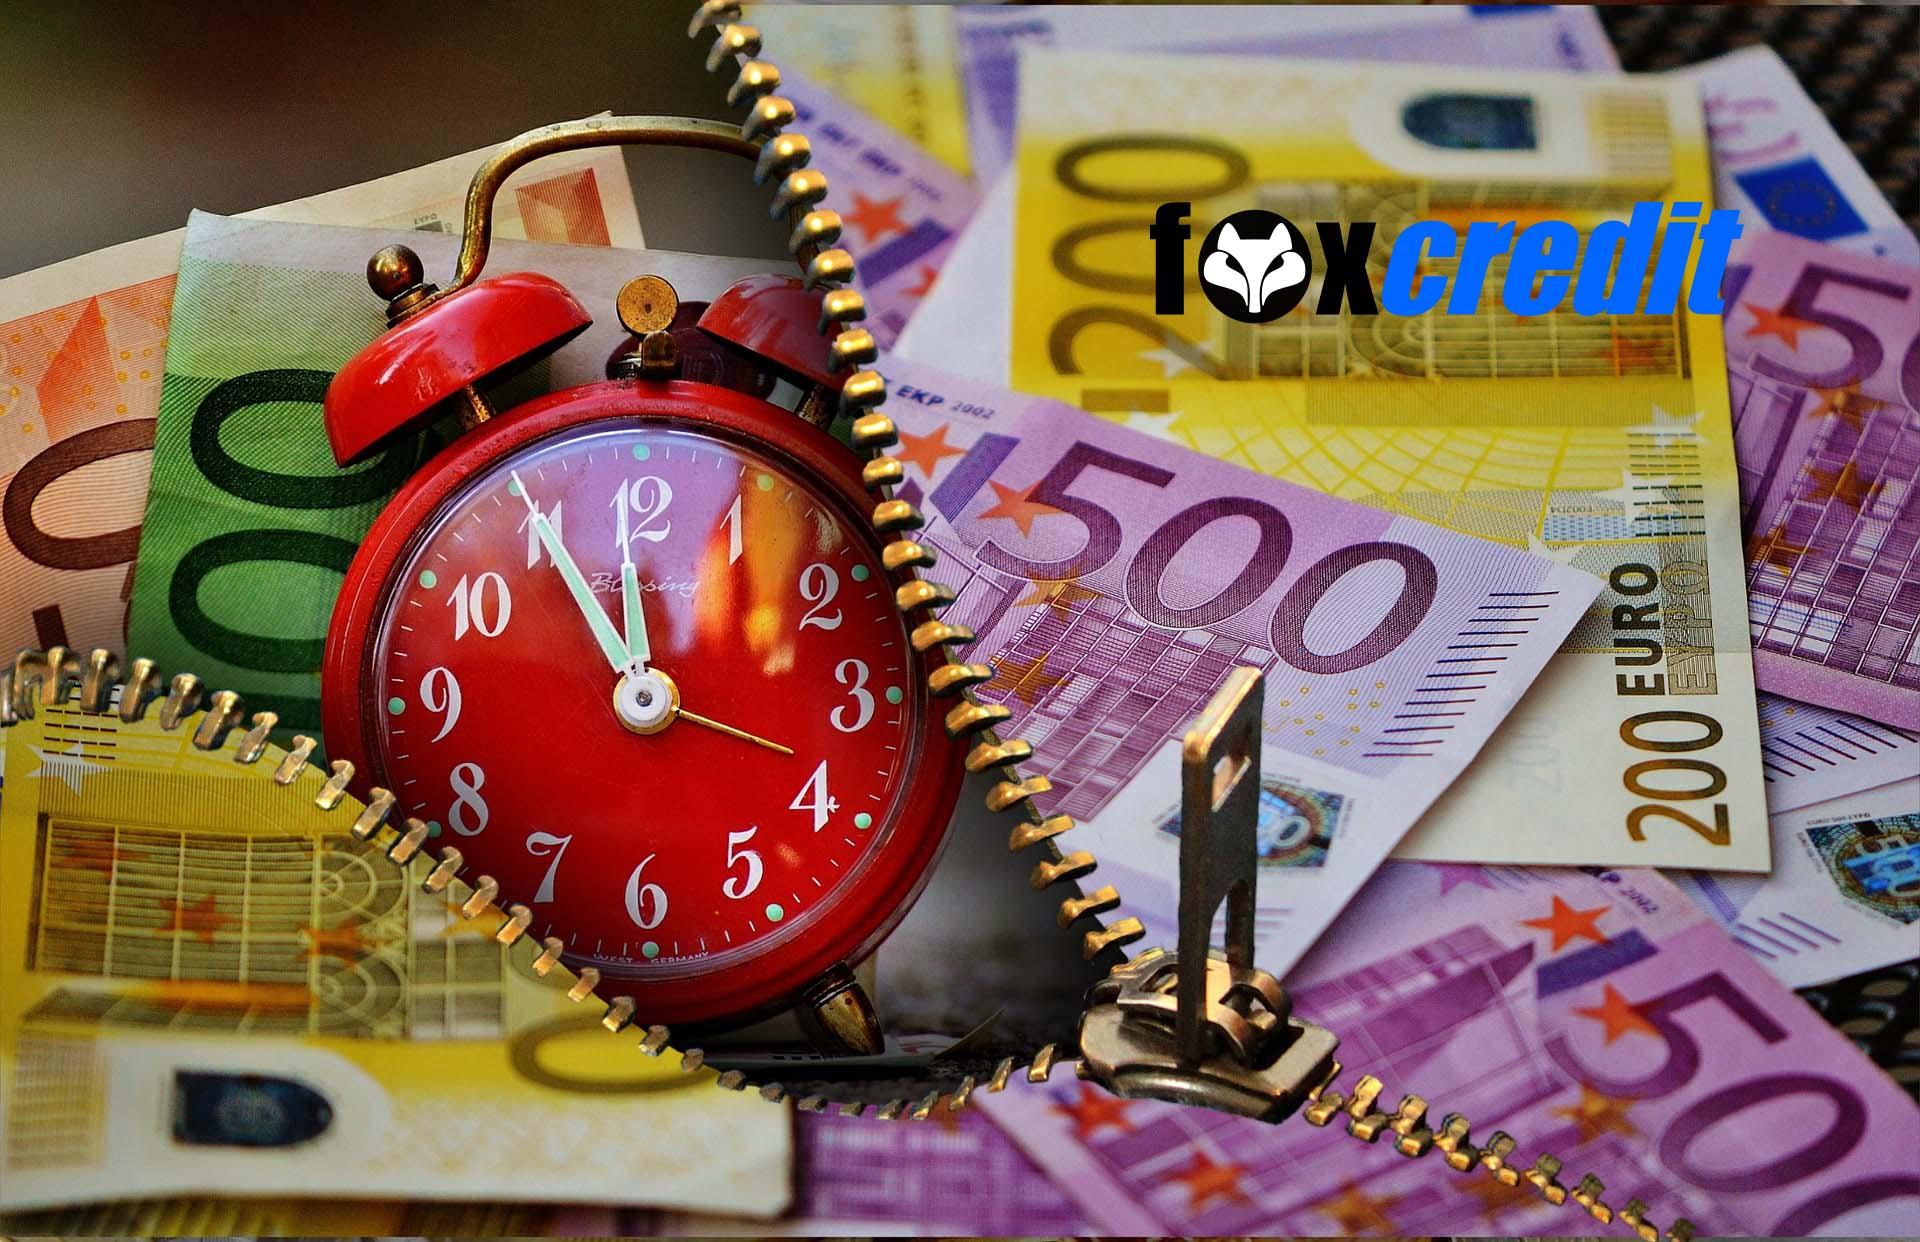 Fuchs. Gold, Sparen, Milliardär, China, Leitzins, Cembra, Geldschwemme, Zinsobergrenze, Foxcredit, Kleinkredit, Online Kredit, Onlinekredit, Finanzierung, Kredit, loan, Leasing, Zinssatz, Hypothek, Bank, Bankkonto, Brexit, Bitcoin, Auslandschweizern, Finanzjongleure, Eurozone, Euro, Franken, Krypto, Bankenchefs, Dollar, Auto Kredit, Ferien Kredit, Wein Kredit, Immo Kredit, Raten Kredit, Medi Kredit, Privat Kredit, Klein Kredit, Sofort Kredit, Umschuldungs Kredit, Raten Kredit, FAQ, Glossar, Impressum, Fuchs. Gold, Sparen, Milliardär, China, Leitzins, Cembra, Geldschwemme, Zinsobergrenze, Foxcredit, Kleinkredit, Online Kredit, Onlinekredit, Finanzierung, Kredit, loan, Leasing, Zinssatz, Hypothek, Bank, Bankkonto, Brexit, Bitcoin, Auslandschweizern, Finanzjongleure, Eurozone, Euro, Franken, Krypto, Bankenchefs, Dollar, Auto Kredit, Ferien Kredit, Wein Kredit, Immo Kredit, Raten Kredit, Medi Kredit, Privat Kredit, Klein Kredit, Sofort Kredit, Umschuldungs Kredit, Raten Kredit, FAQ, Glossar, Kredit Banken, Kreditinformation, Ratgeber, Zahlen, Fakten, Download, Downloads, Gesetz, Vorlagen, Kontakt, Kreditarten, Kredit Arten,